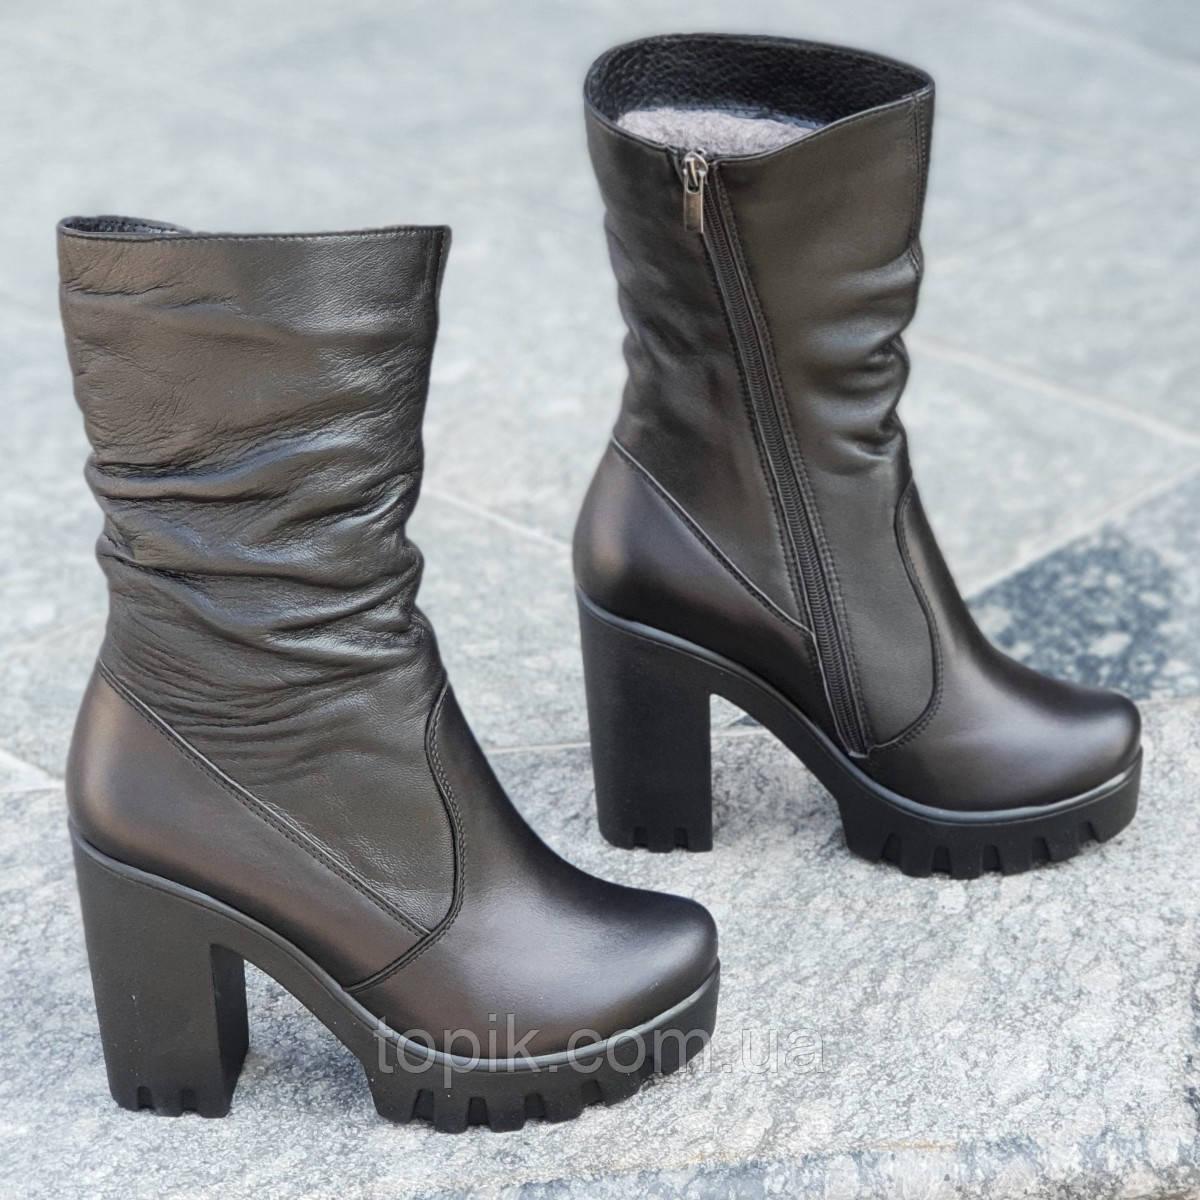 4a18d7af6 Женские зимние сапоги, полусапожки на высокой подошве, на платформе кожаные  полушерсть черные (Код: 1251)